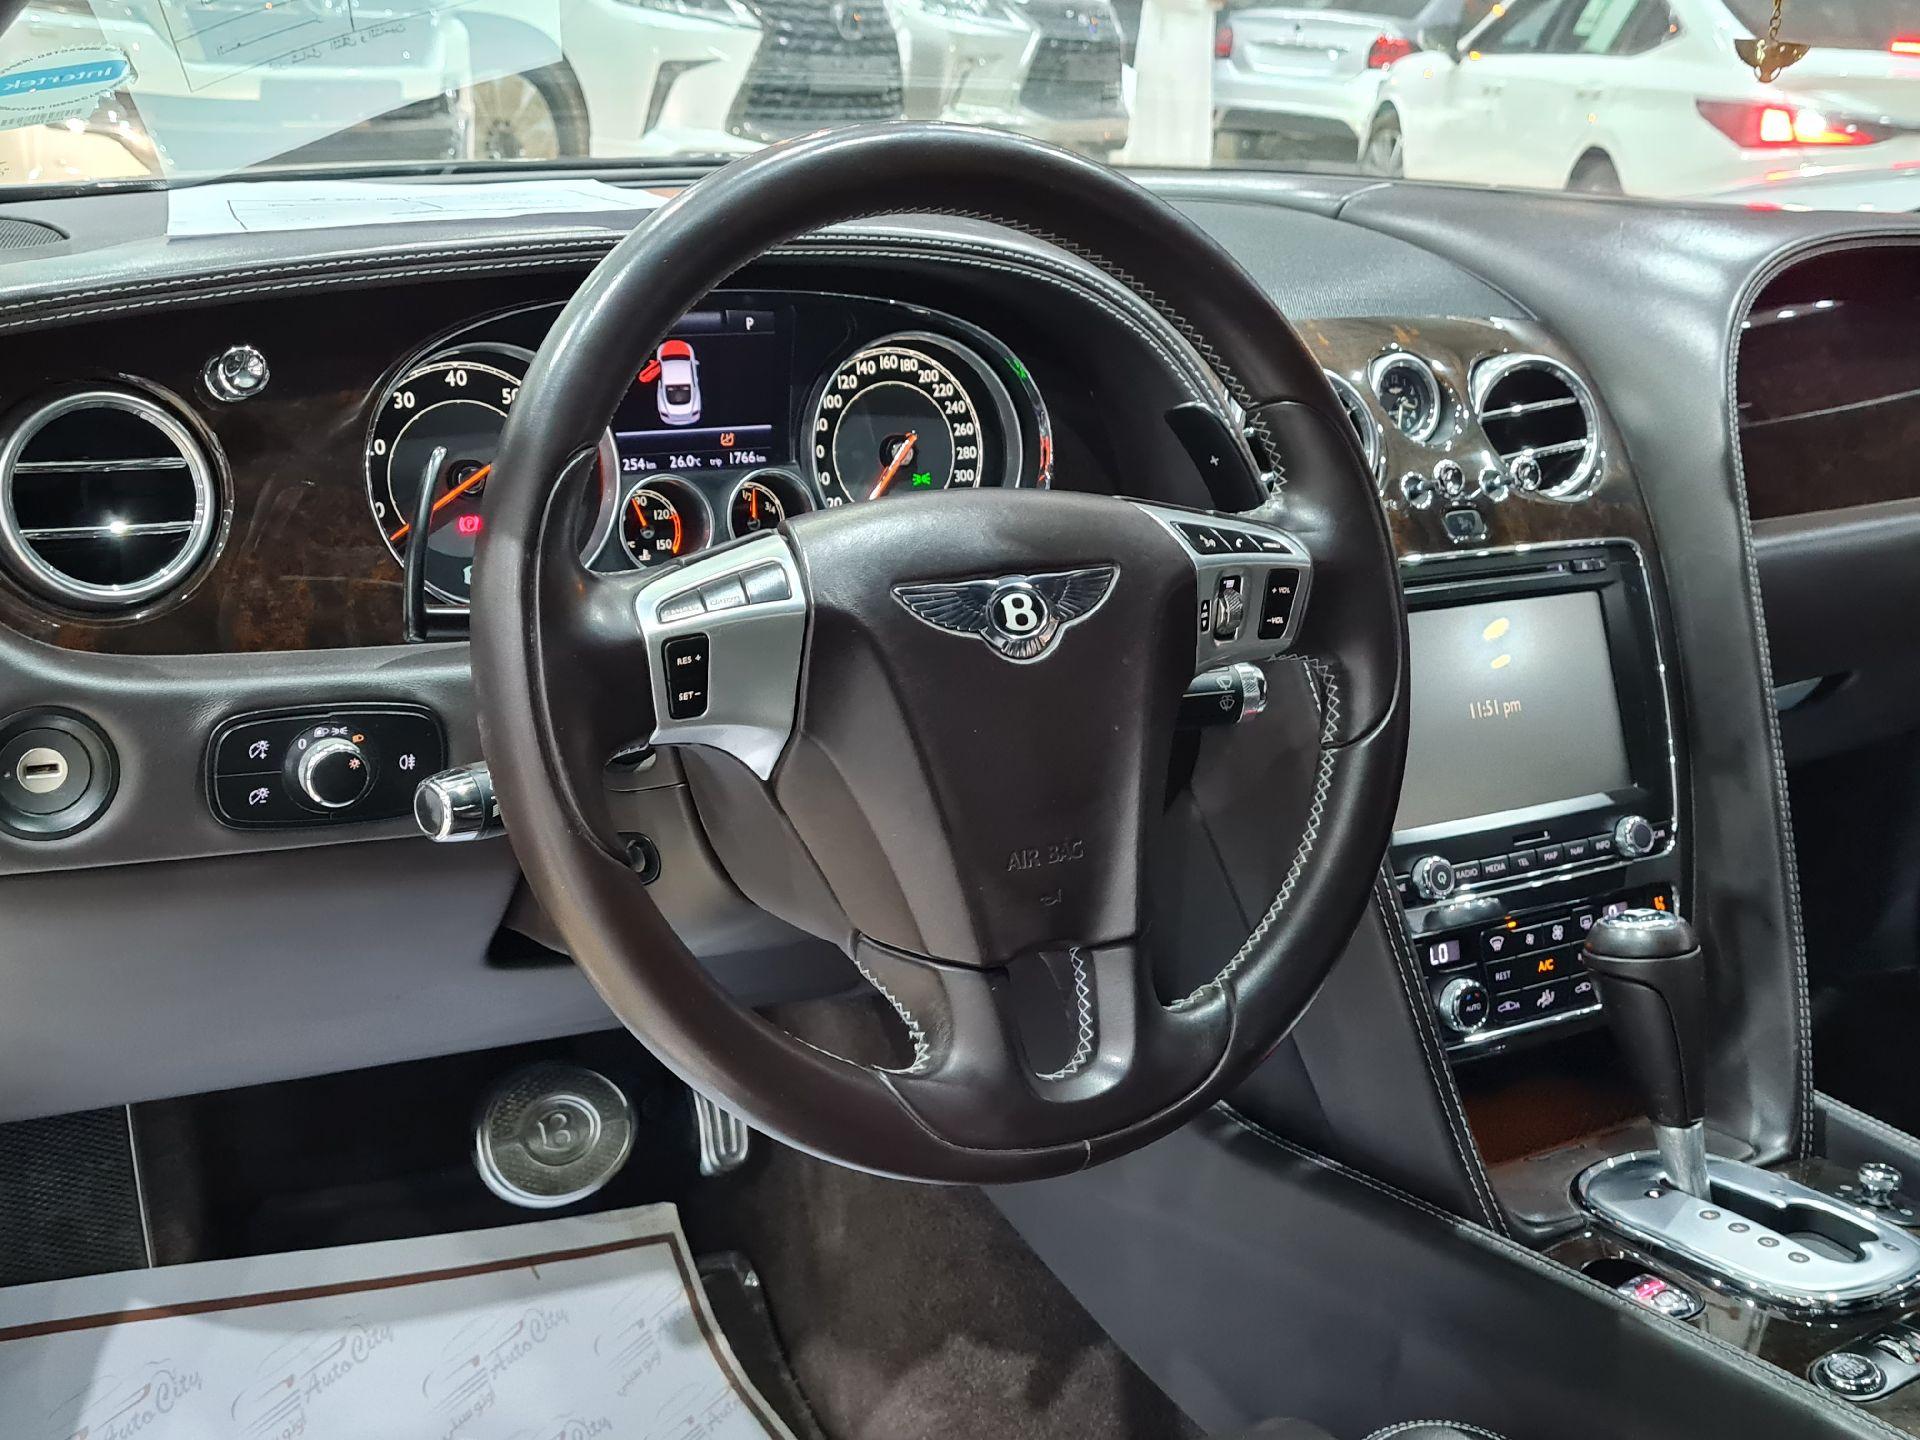 بنتلي كونتيننتال GT جي تي 2013 سعودي للبيع في الرياض - السعودية - صورة كبيرة - 15